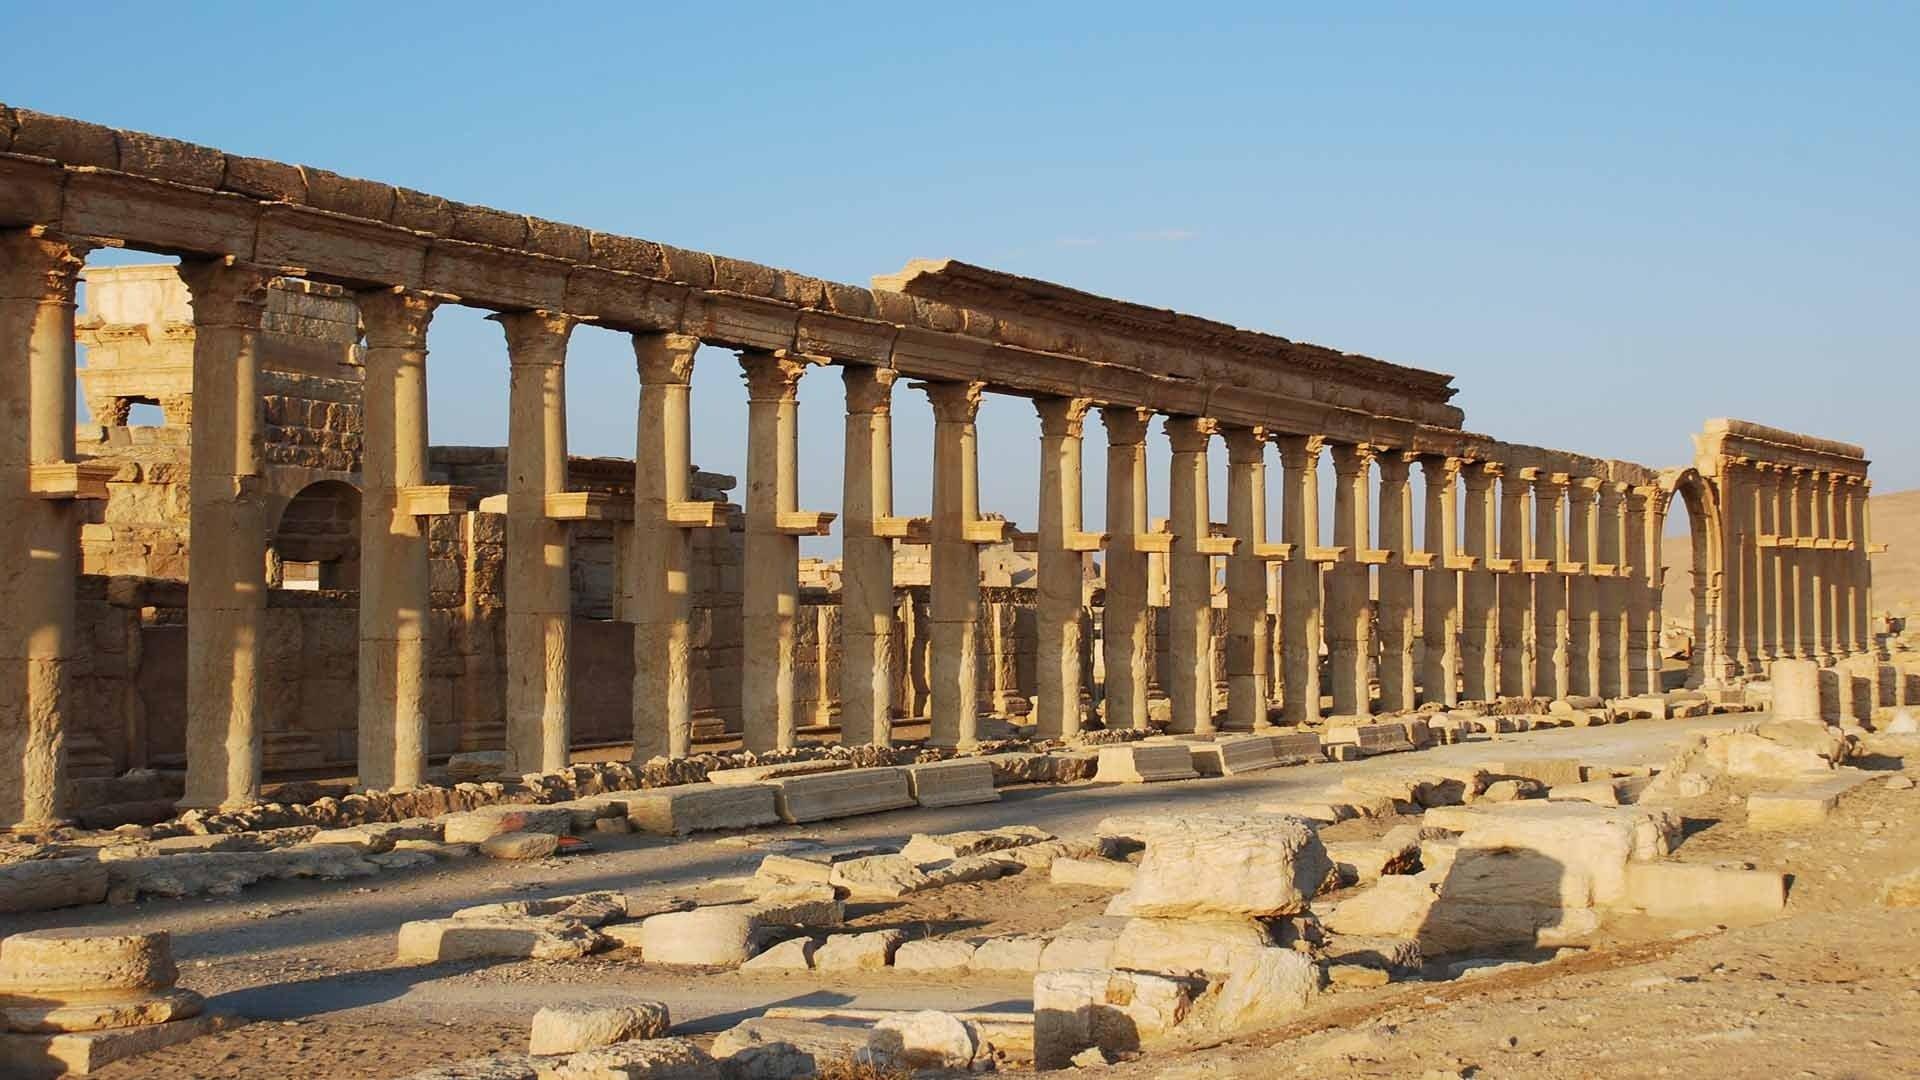 palmyra_syria-1920x1080_1.jpg